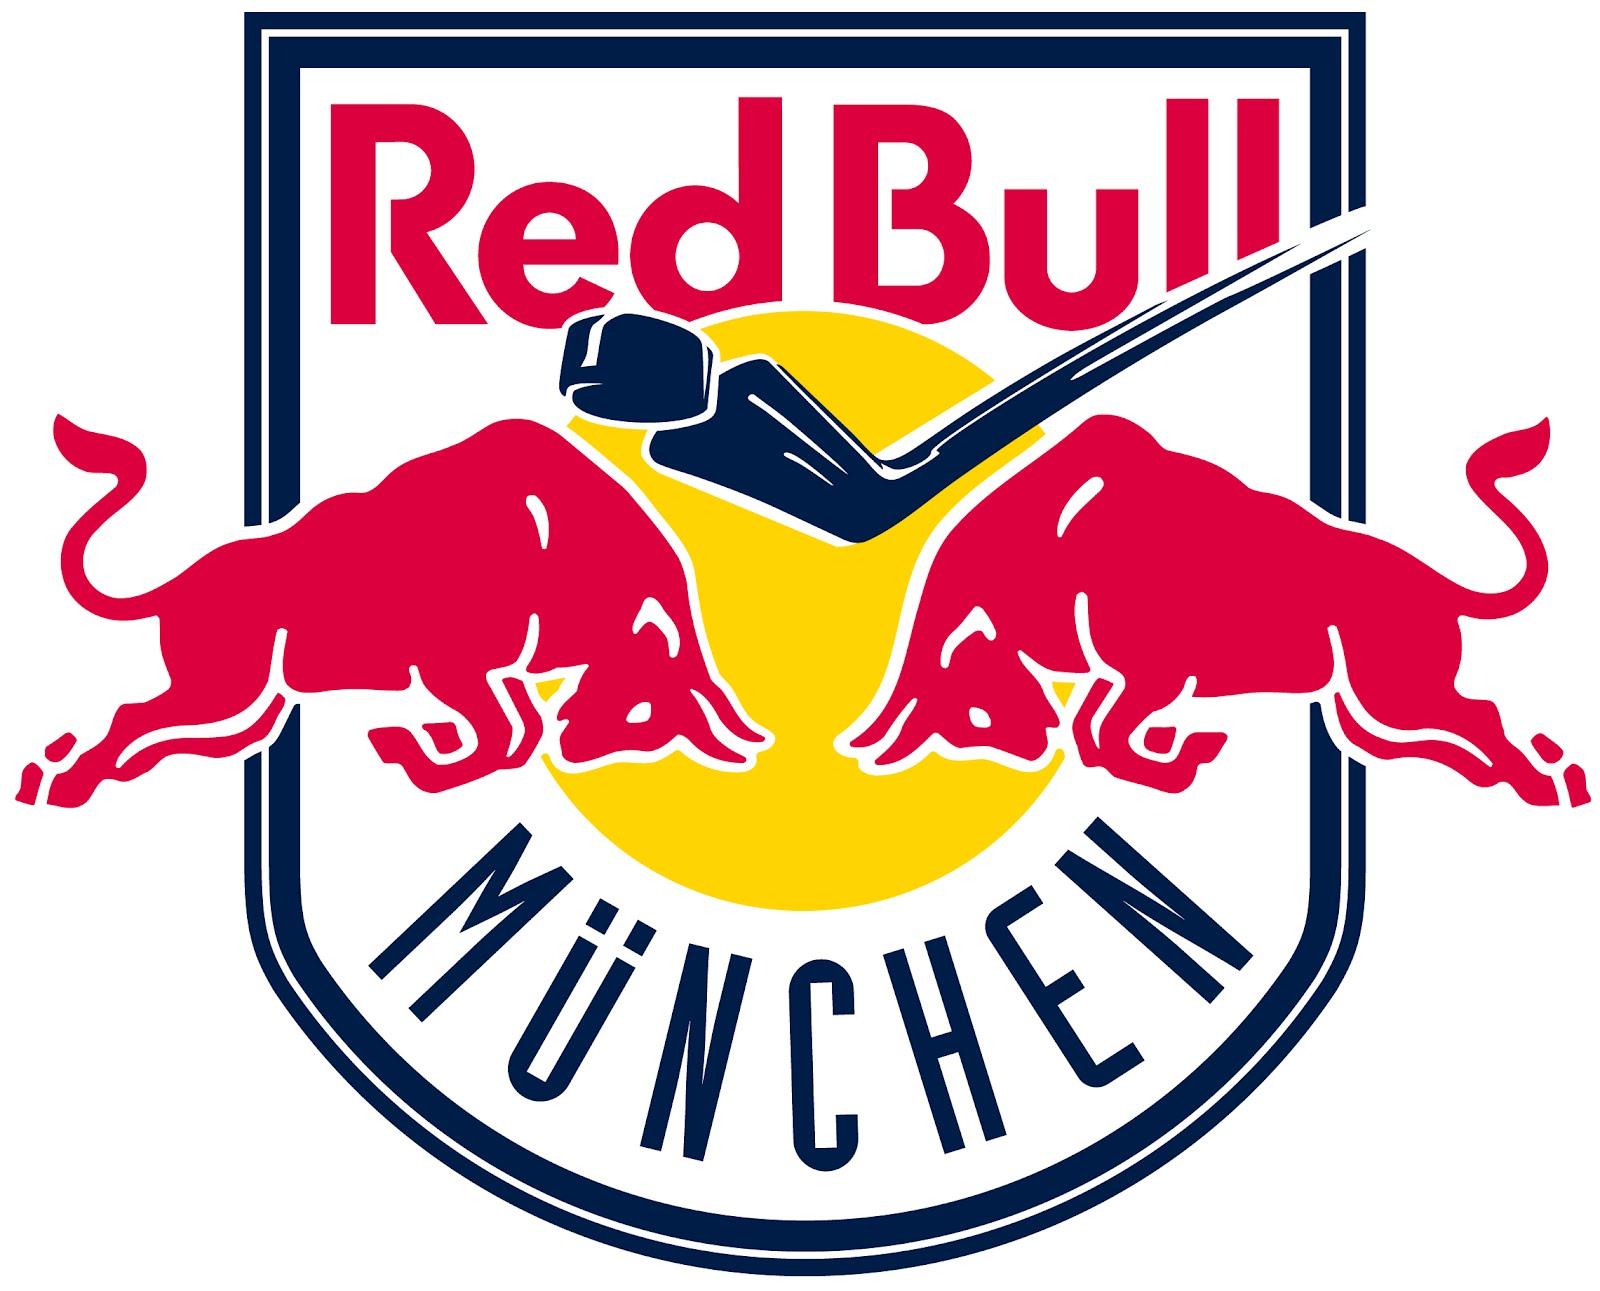 ehc red bull